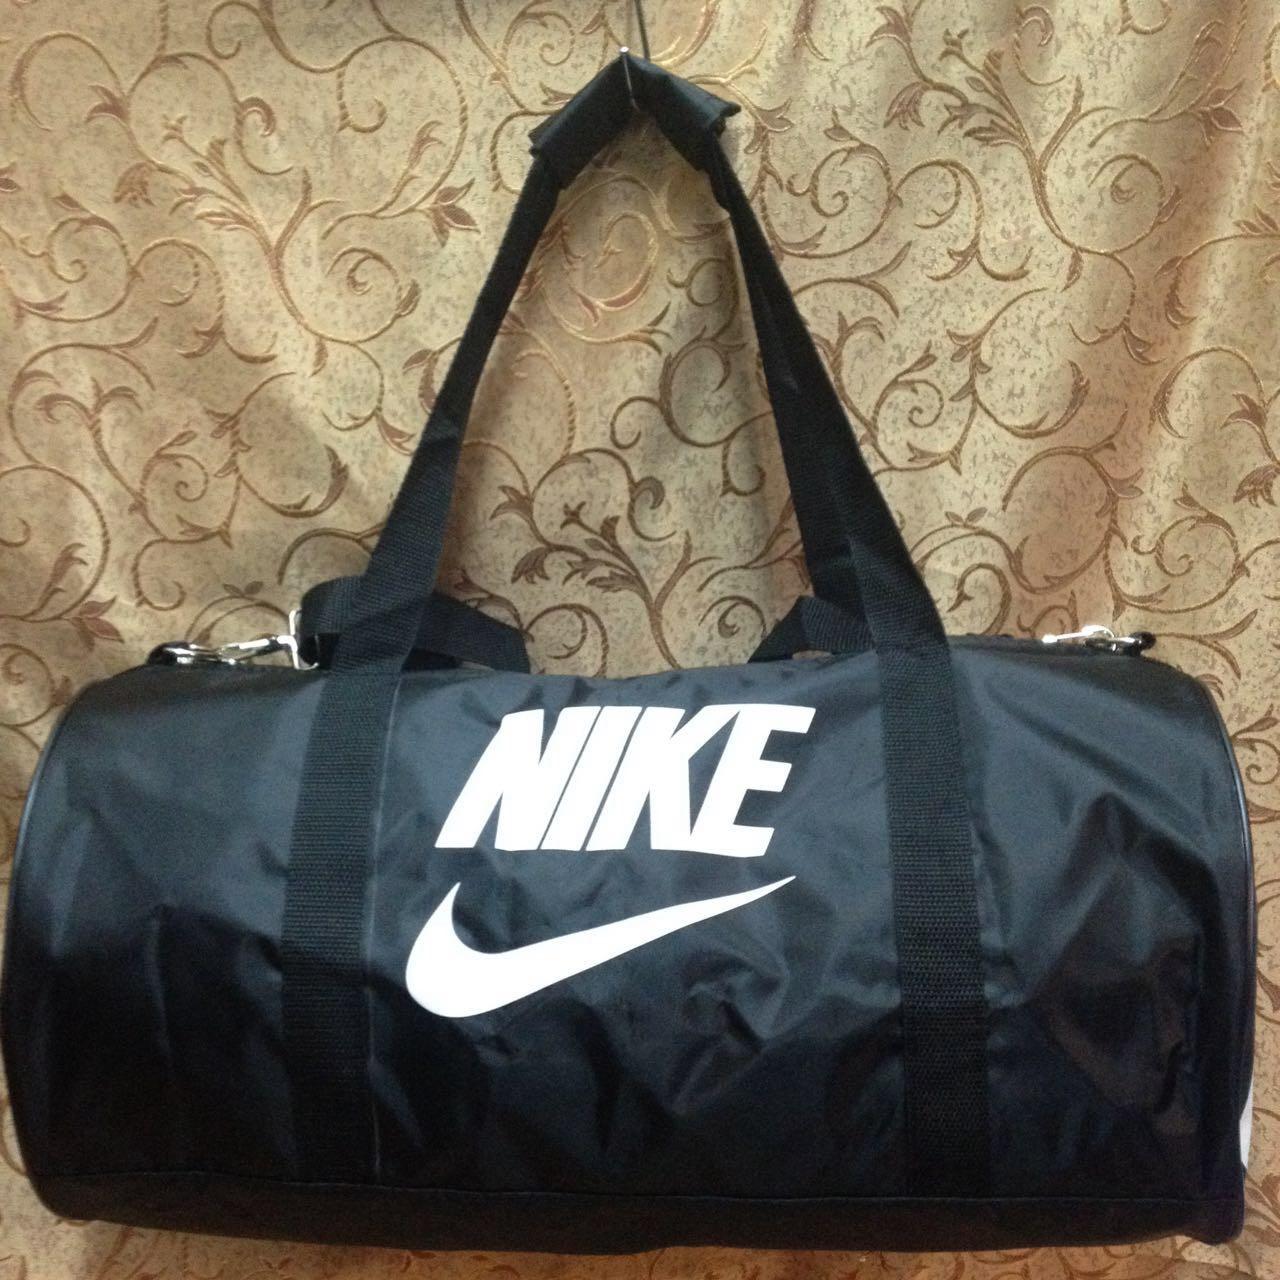 9f47e5077f71 Спортивная сумка/Дорожная сумка NIKE(1 цвет)только ОПТ/СПОРТ СУМКИ /Спортивная  дорожная сумка: продажа, цена в Харькове. спортивные сумки от